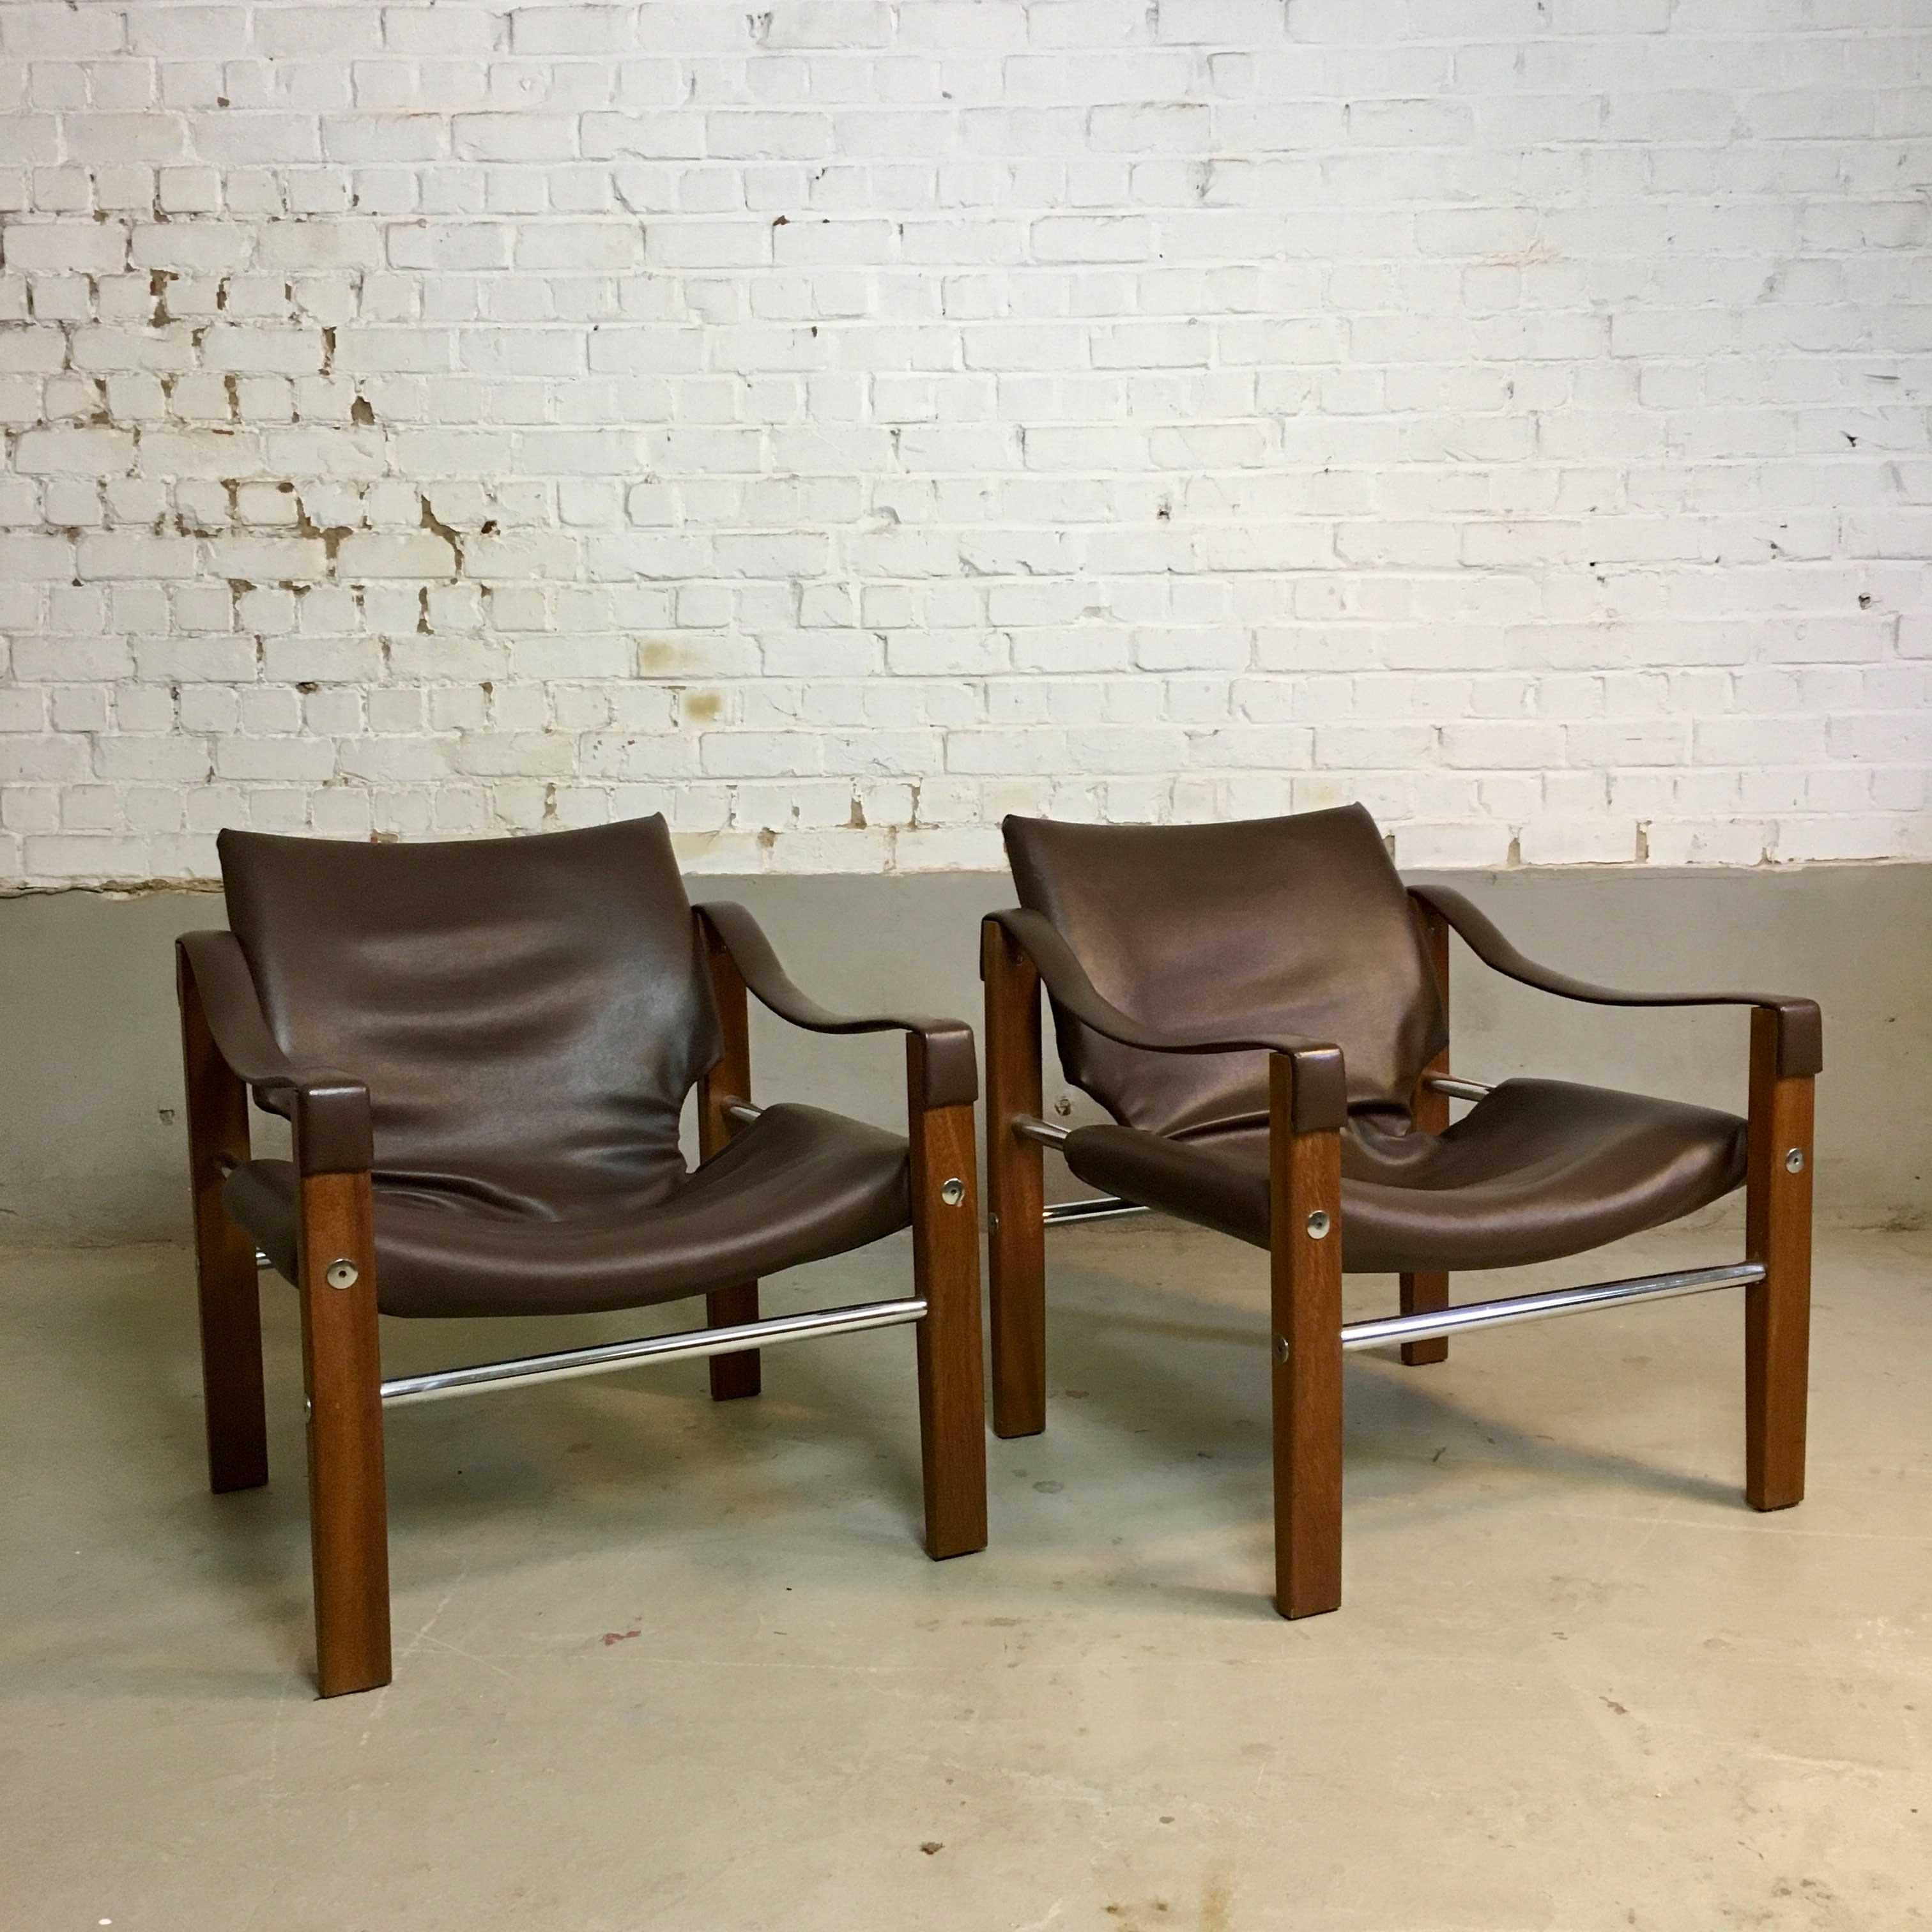 Die-Firma-vintage-shop-Antwerp-Vintage-Arkana-safari-chairs